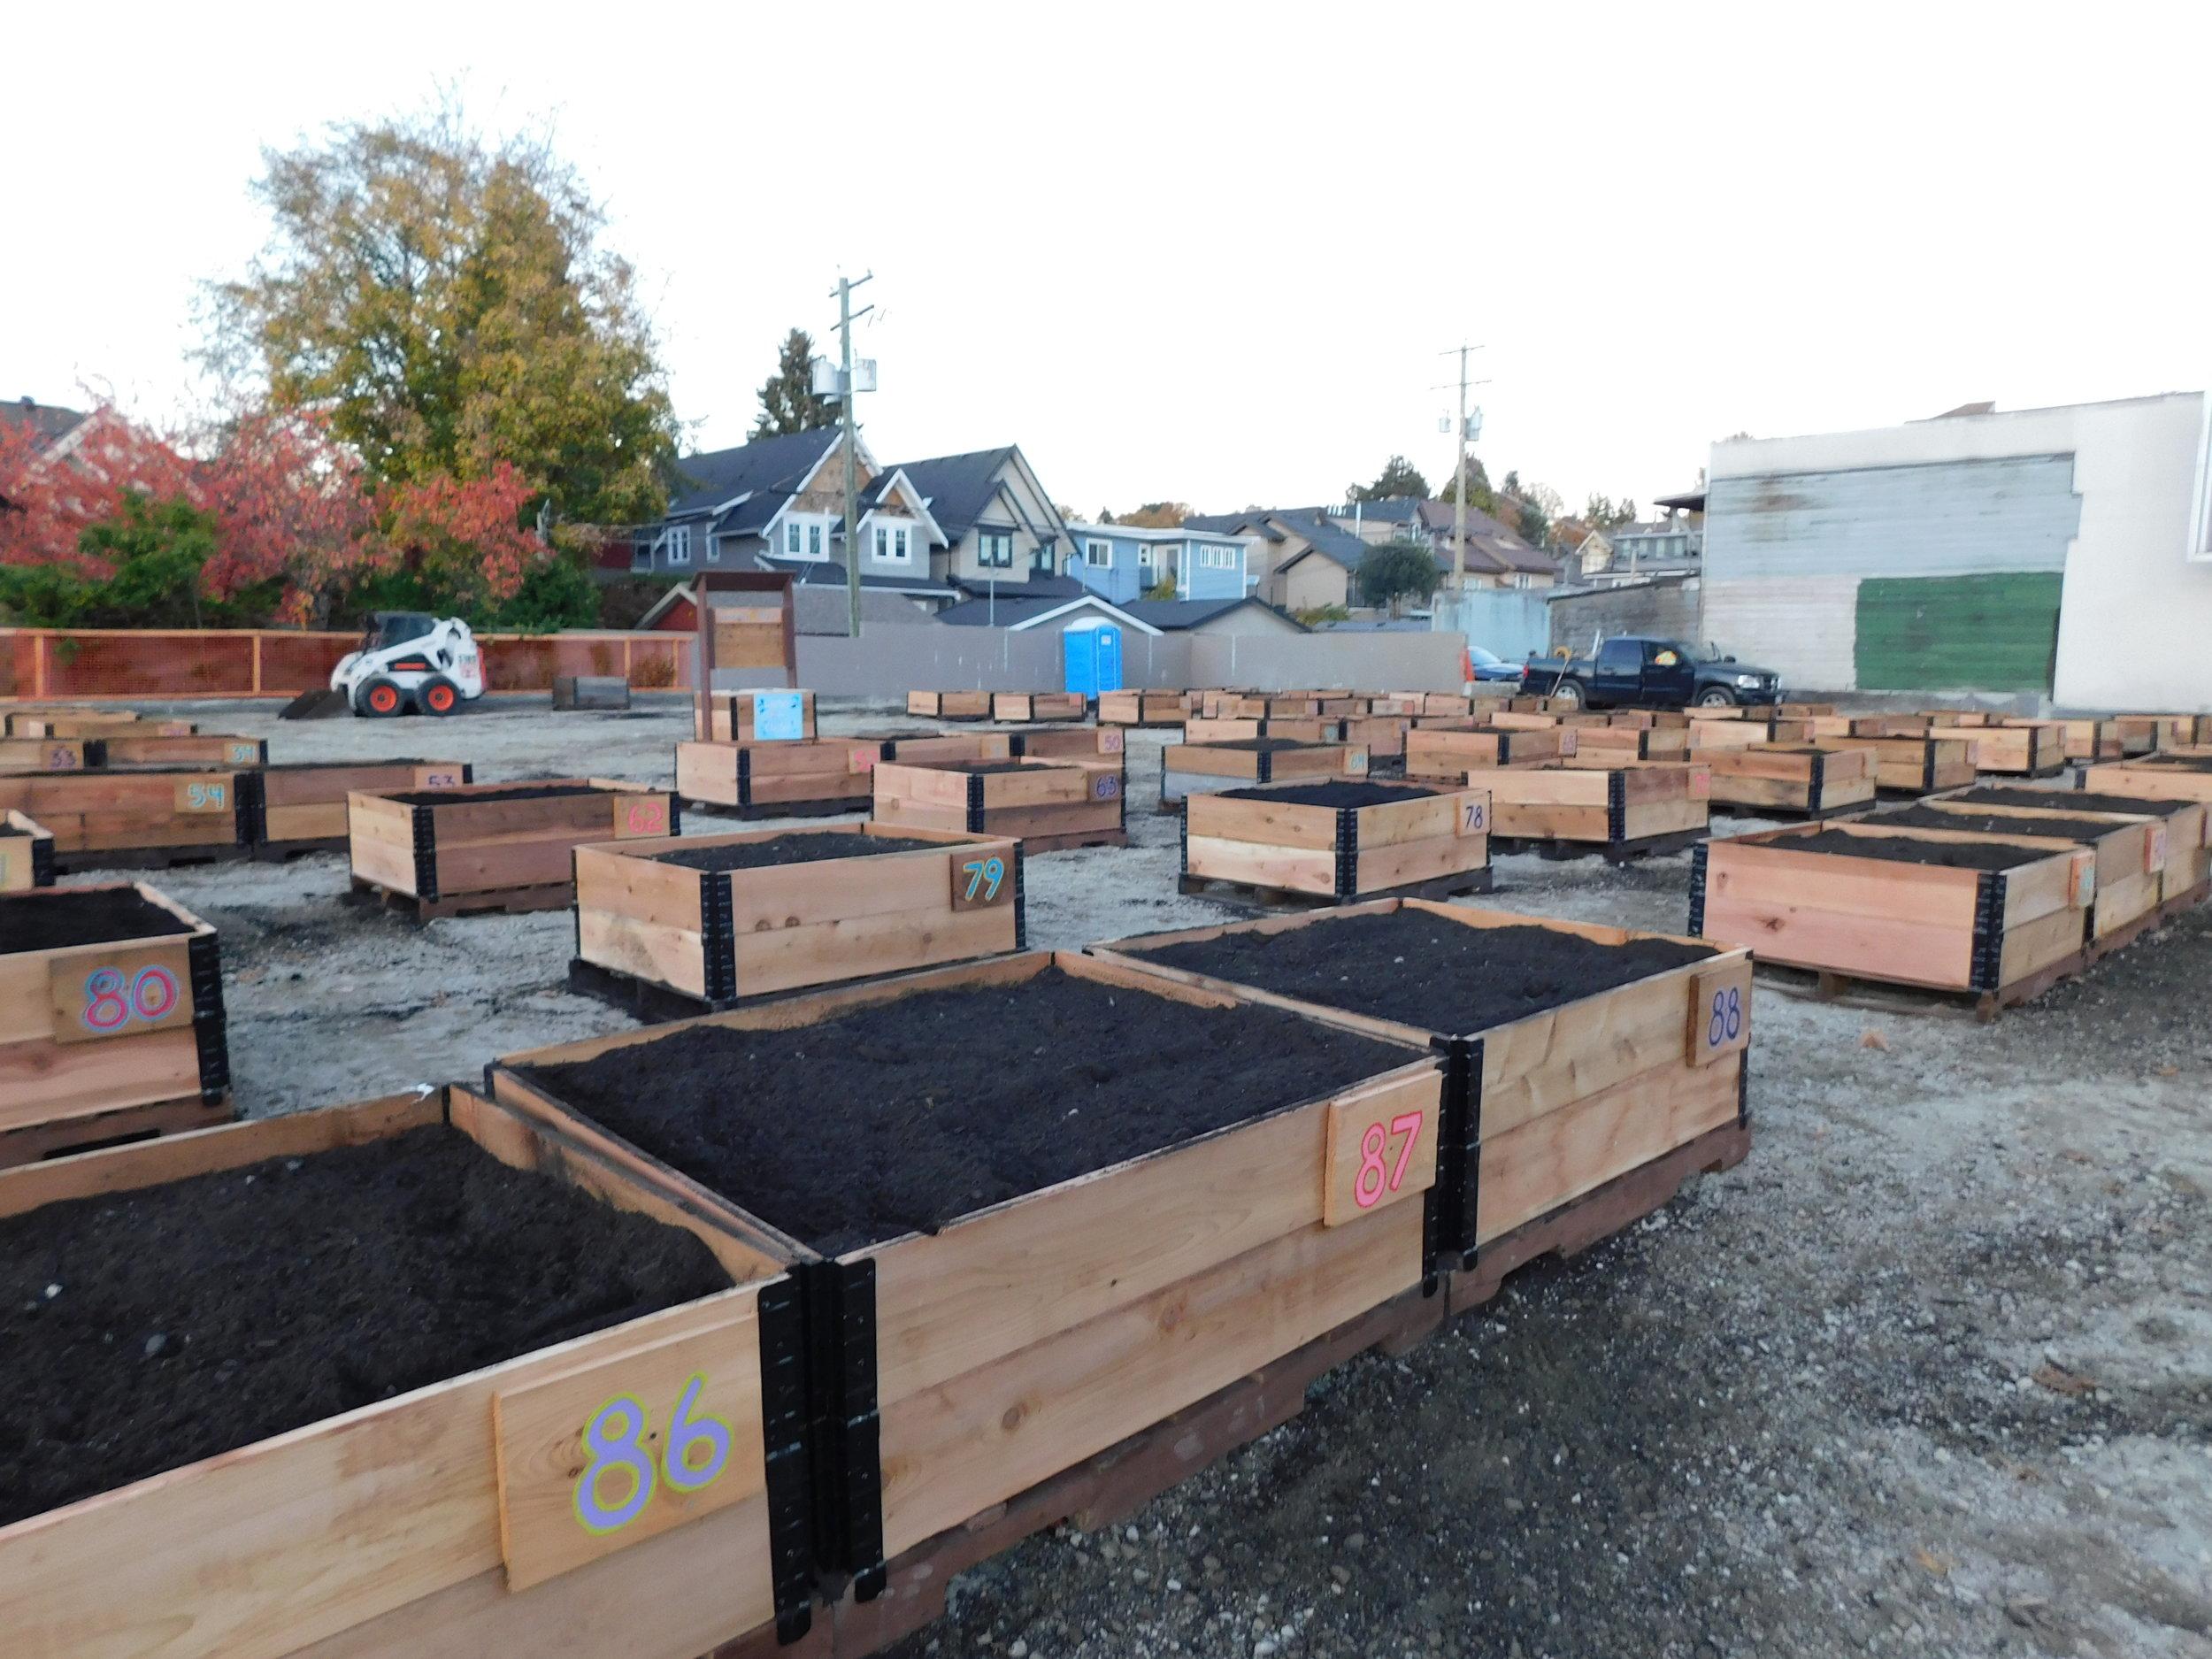 4th_Macdonald_Vancouver_Community_Garden_Builders-0024.JPG